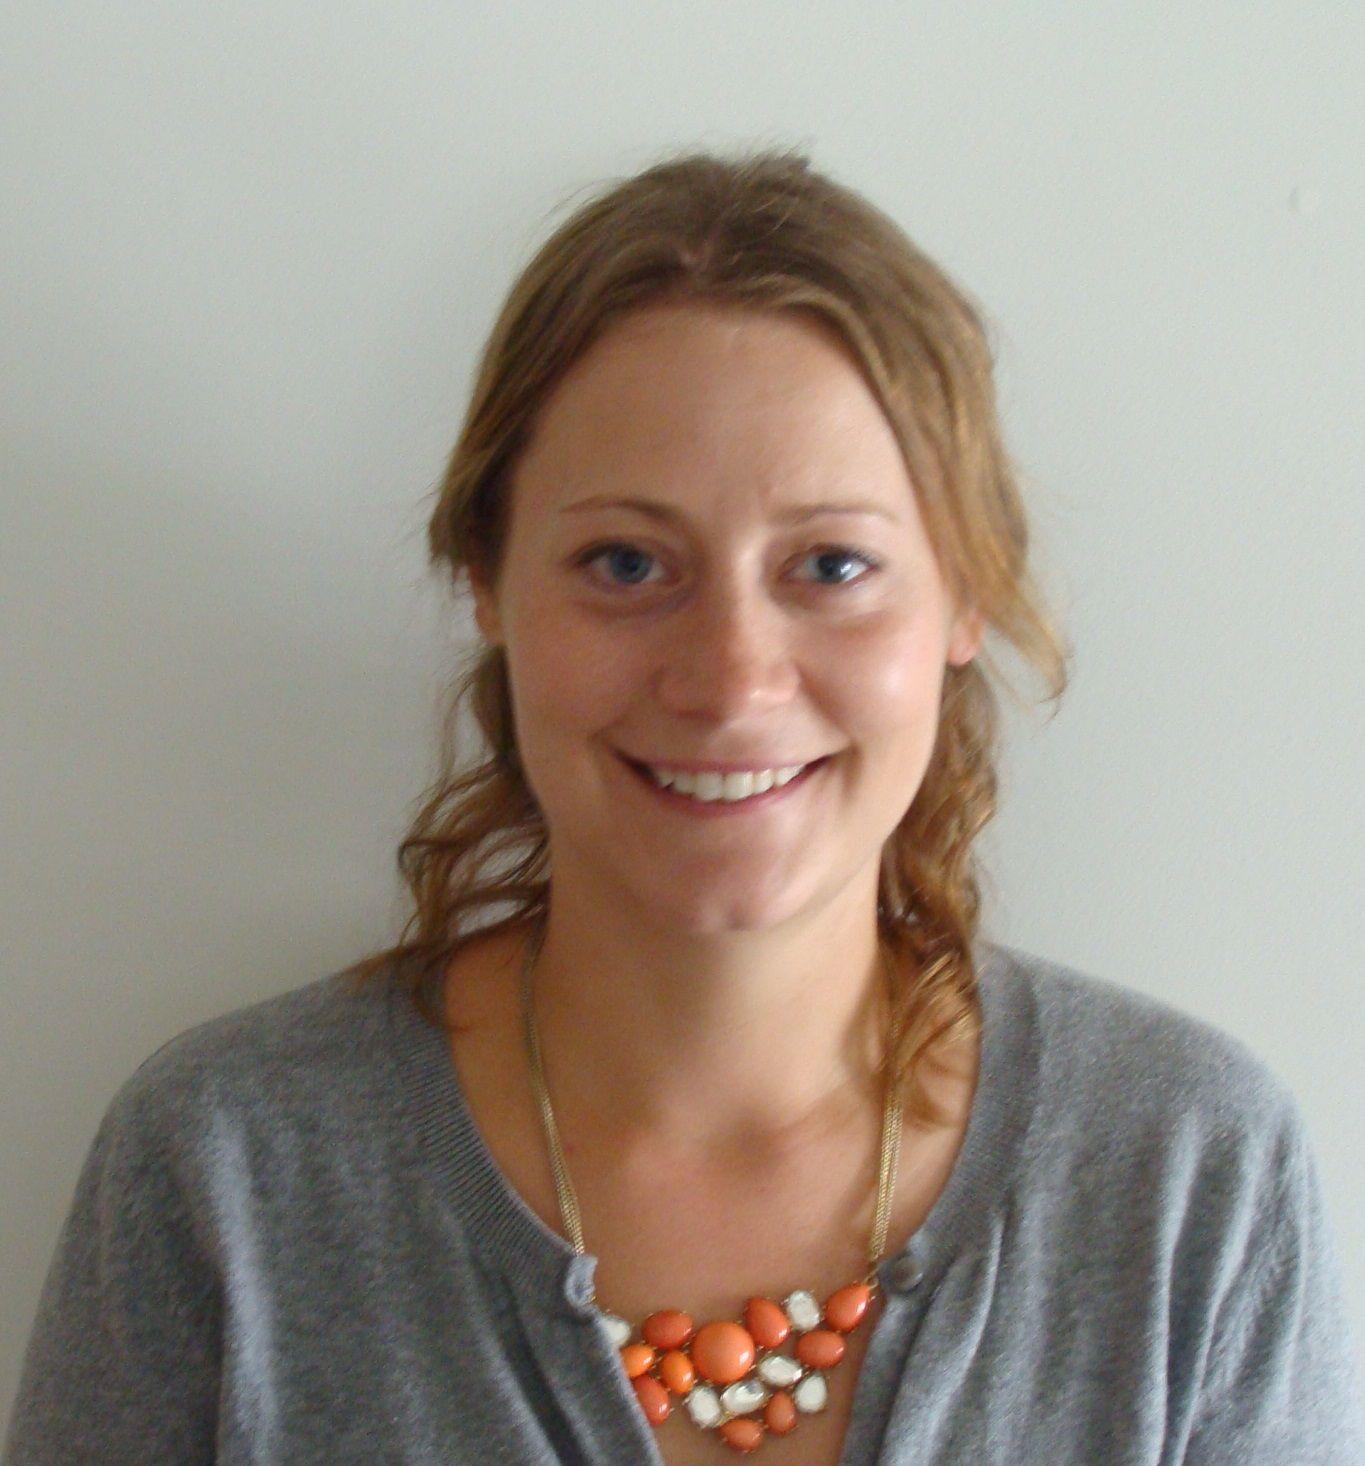 Kayleigh Wojewodzic